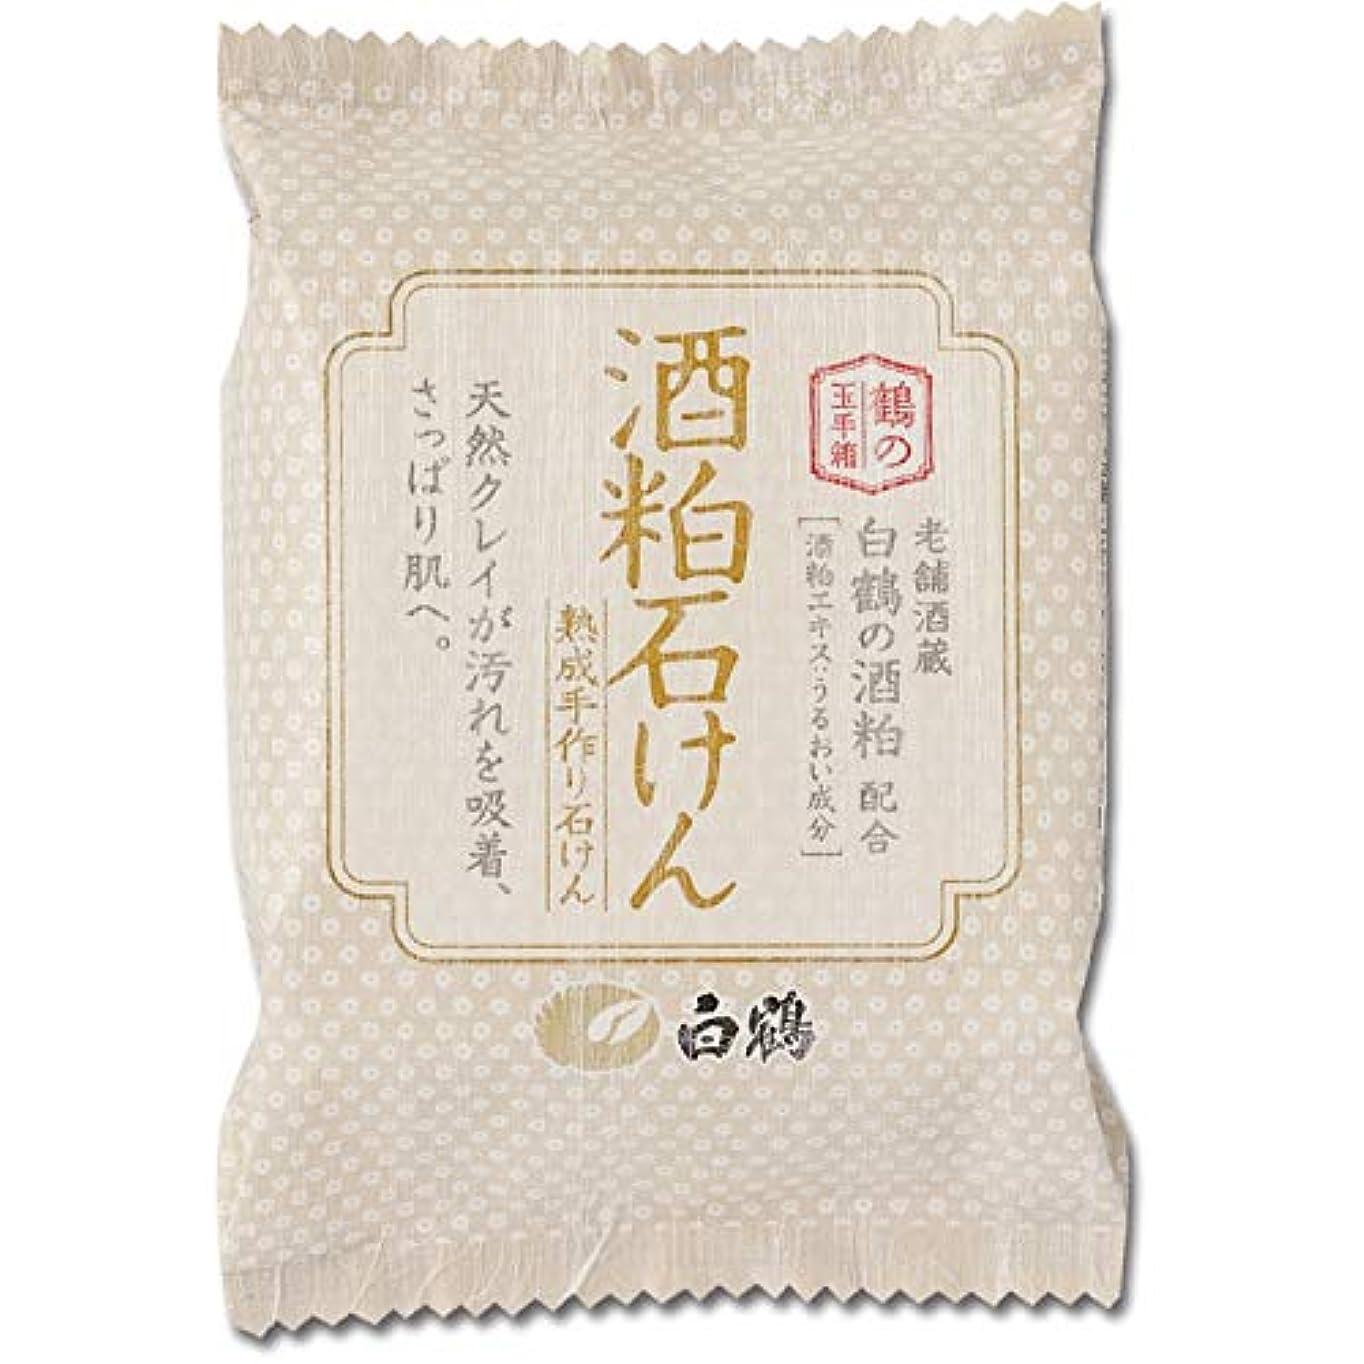 染料シェア何よりも白鶴 鶴の玉手箱 酒粕石けん 100g (全身用石鹸)